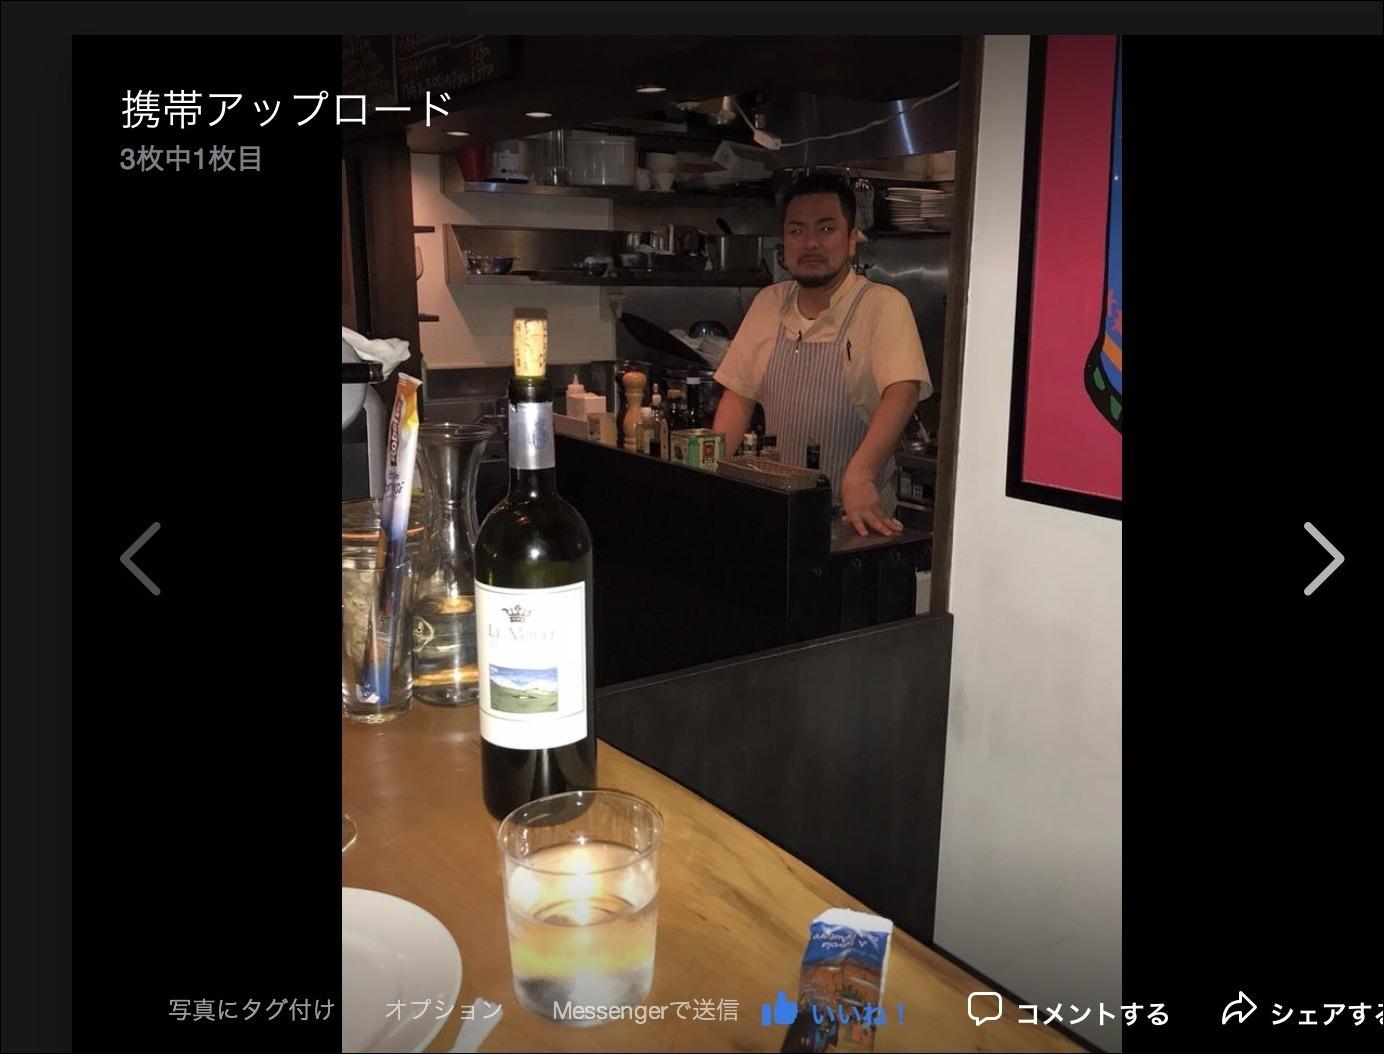 台風襲来の合間をぬって夕食に、その後は?_a0031363_00410518.jpg